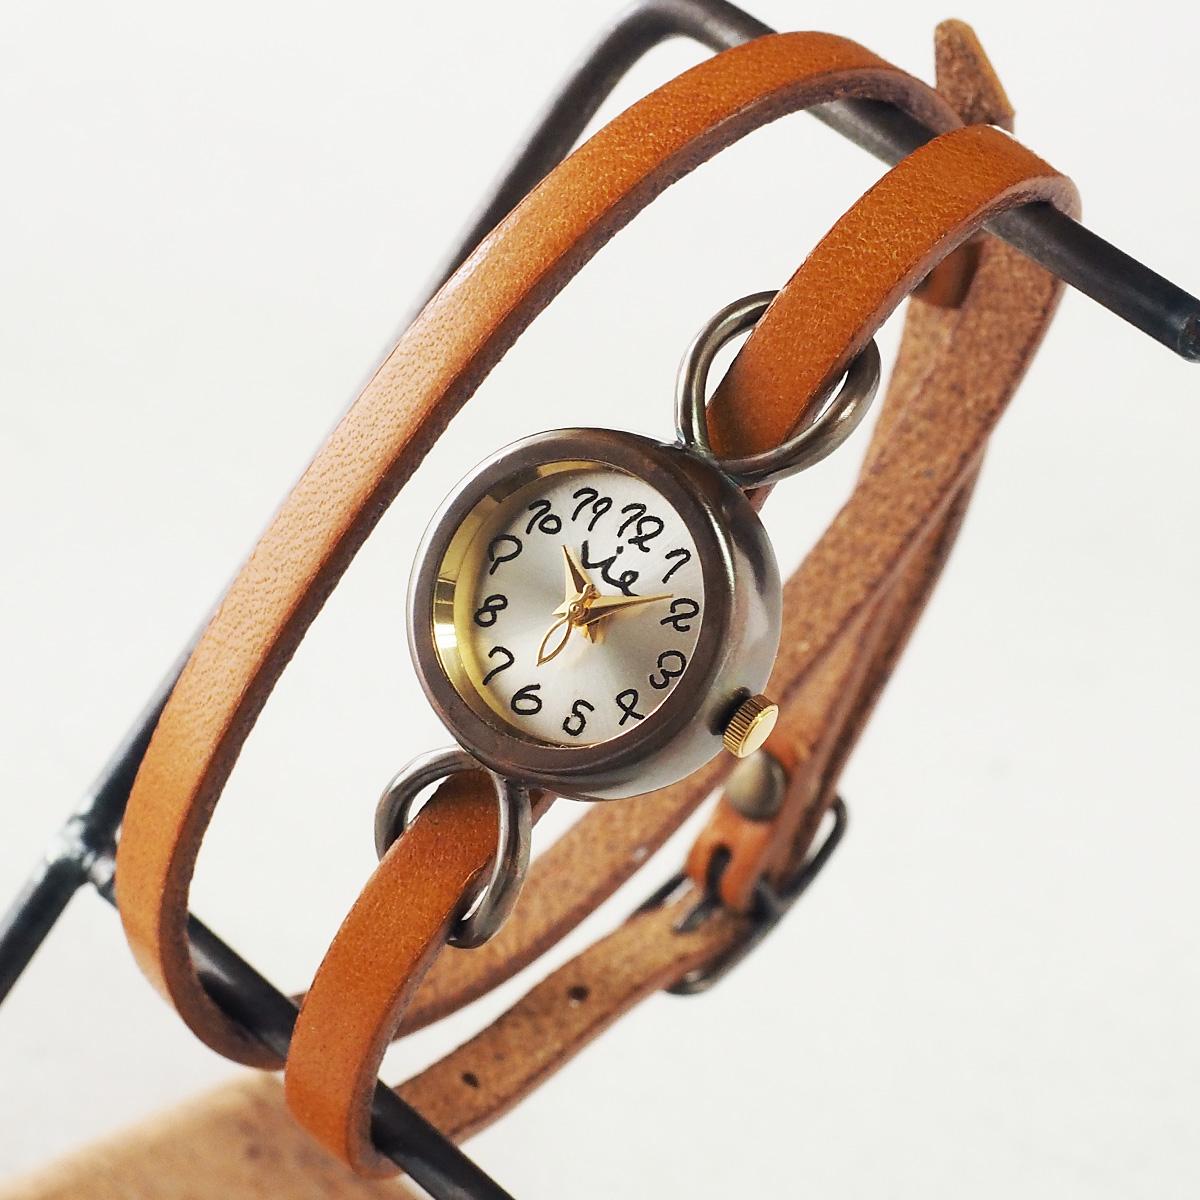 """vie(ヴィー) 手作り腕時計 """"cheerfully -チアフリー-"""" 2重ベルト レディース [WB-066-W-BELT]"""